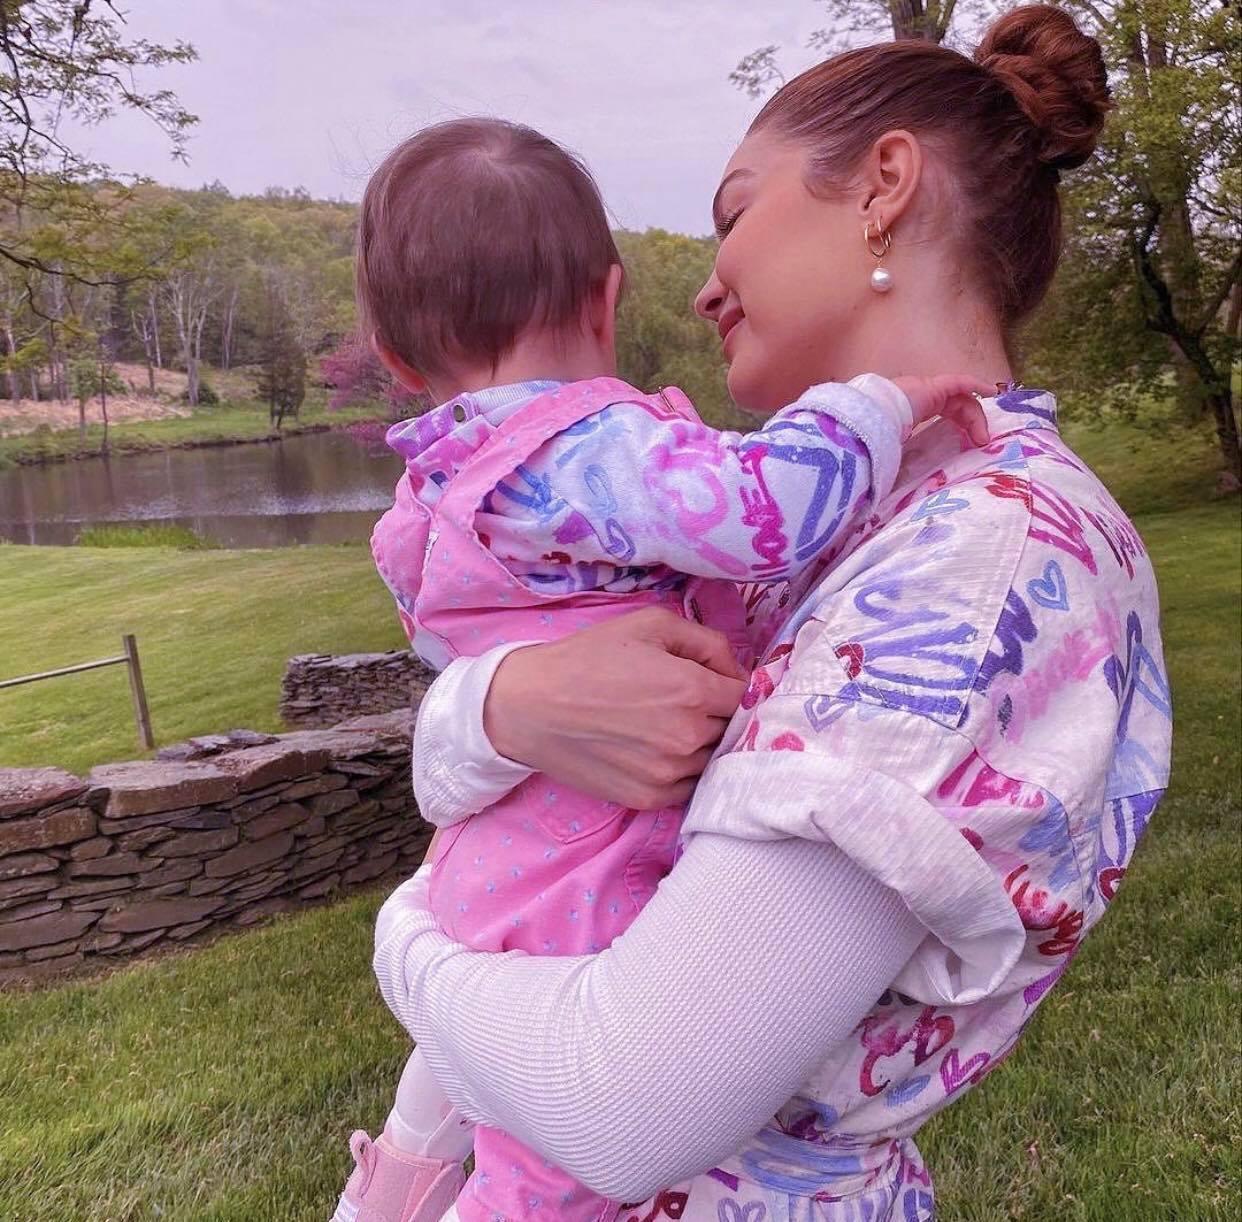 Mẹ bỉm 9x Gigi Hadid khoe mặt mộc đỉnh cao, nhưng bóng lưng nhóc tỳ 9 tháng tuổi hiếm hoi lộ diện mới là tâm điểm - Ảnh 6.